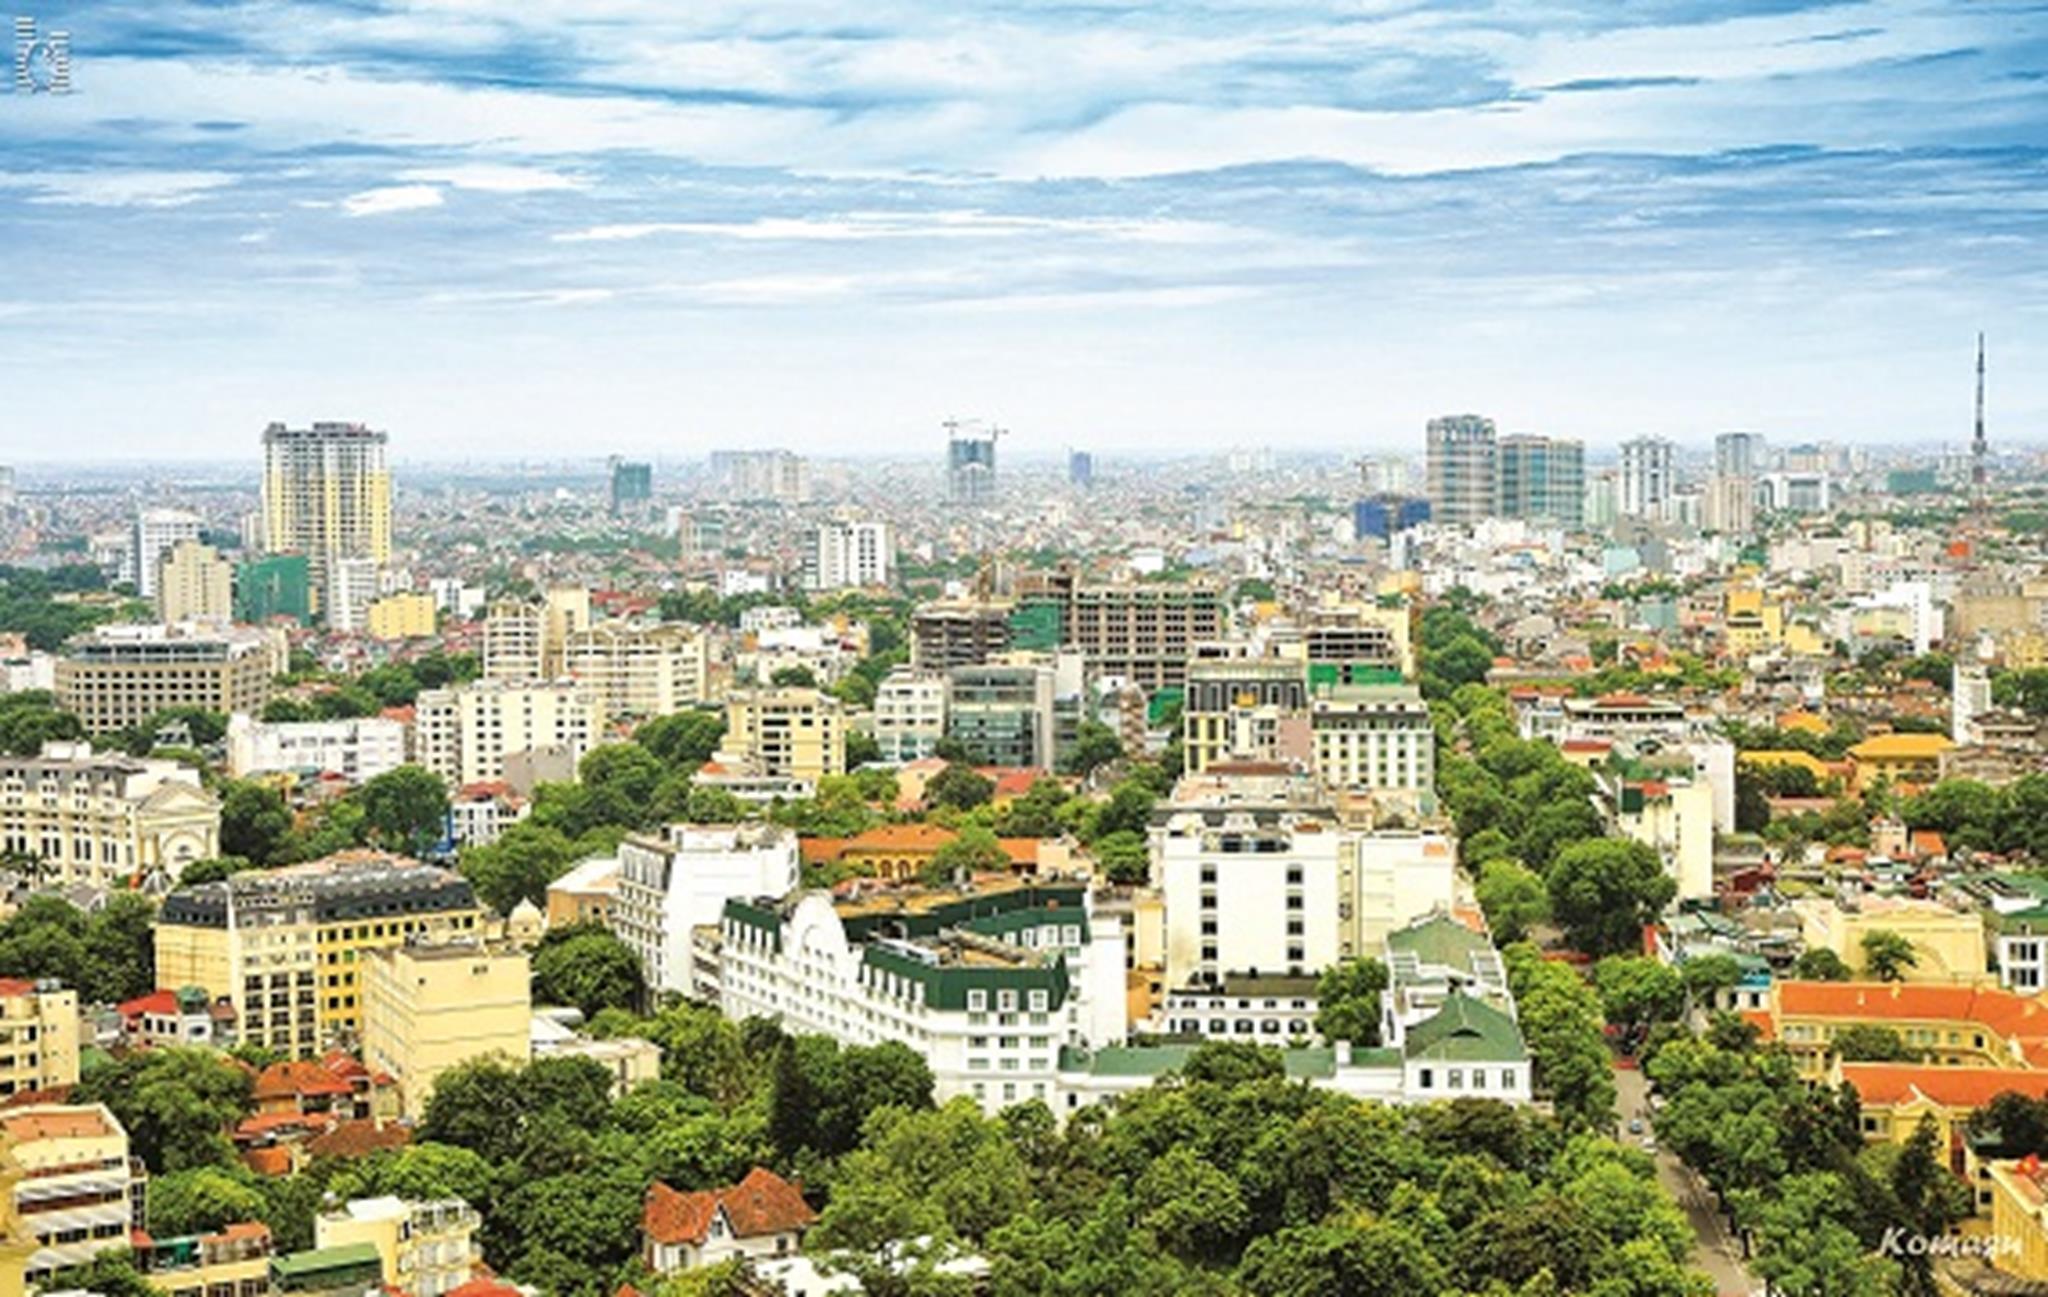 Quận Hai Bà Trưng, thành phố Hà Nội.